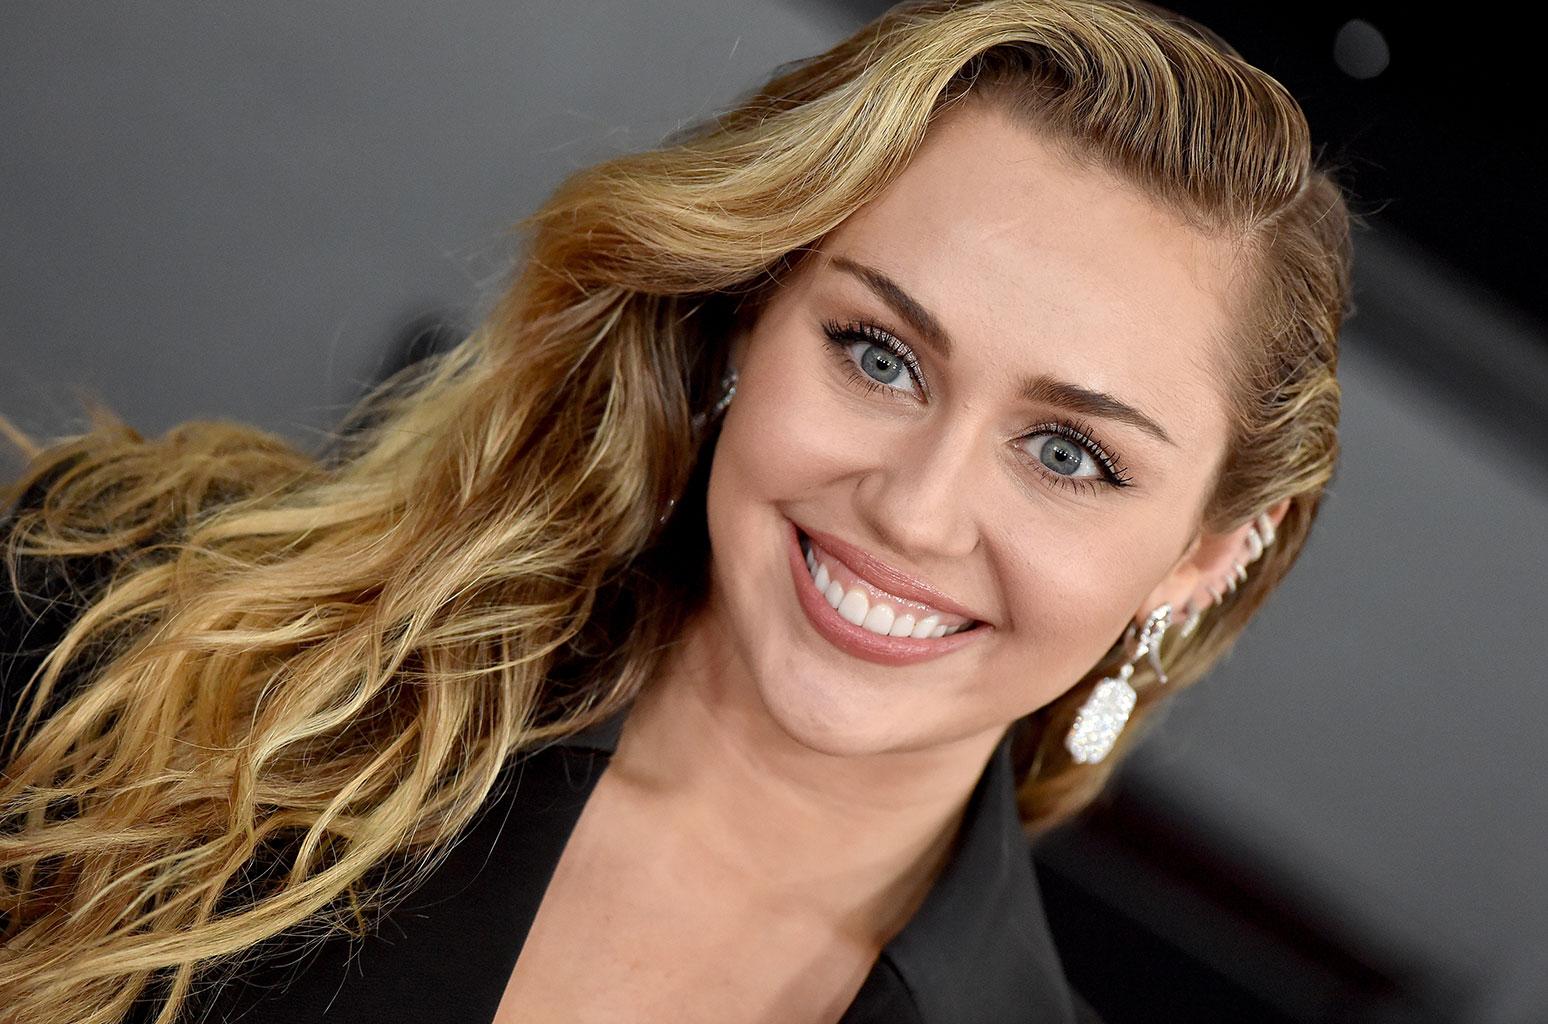 Miley Cyrus passa sufoco em avião a caminho de seu show (Foto: Reprodução)